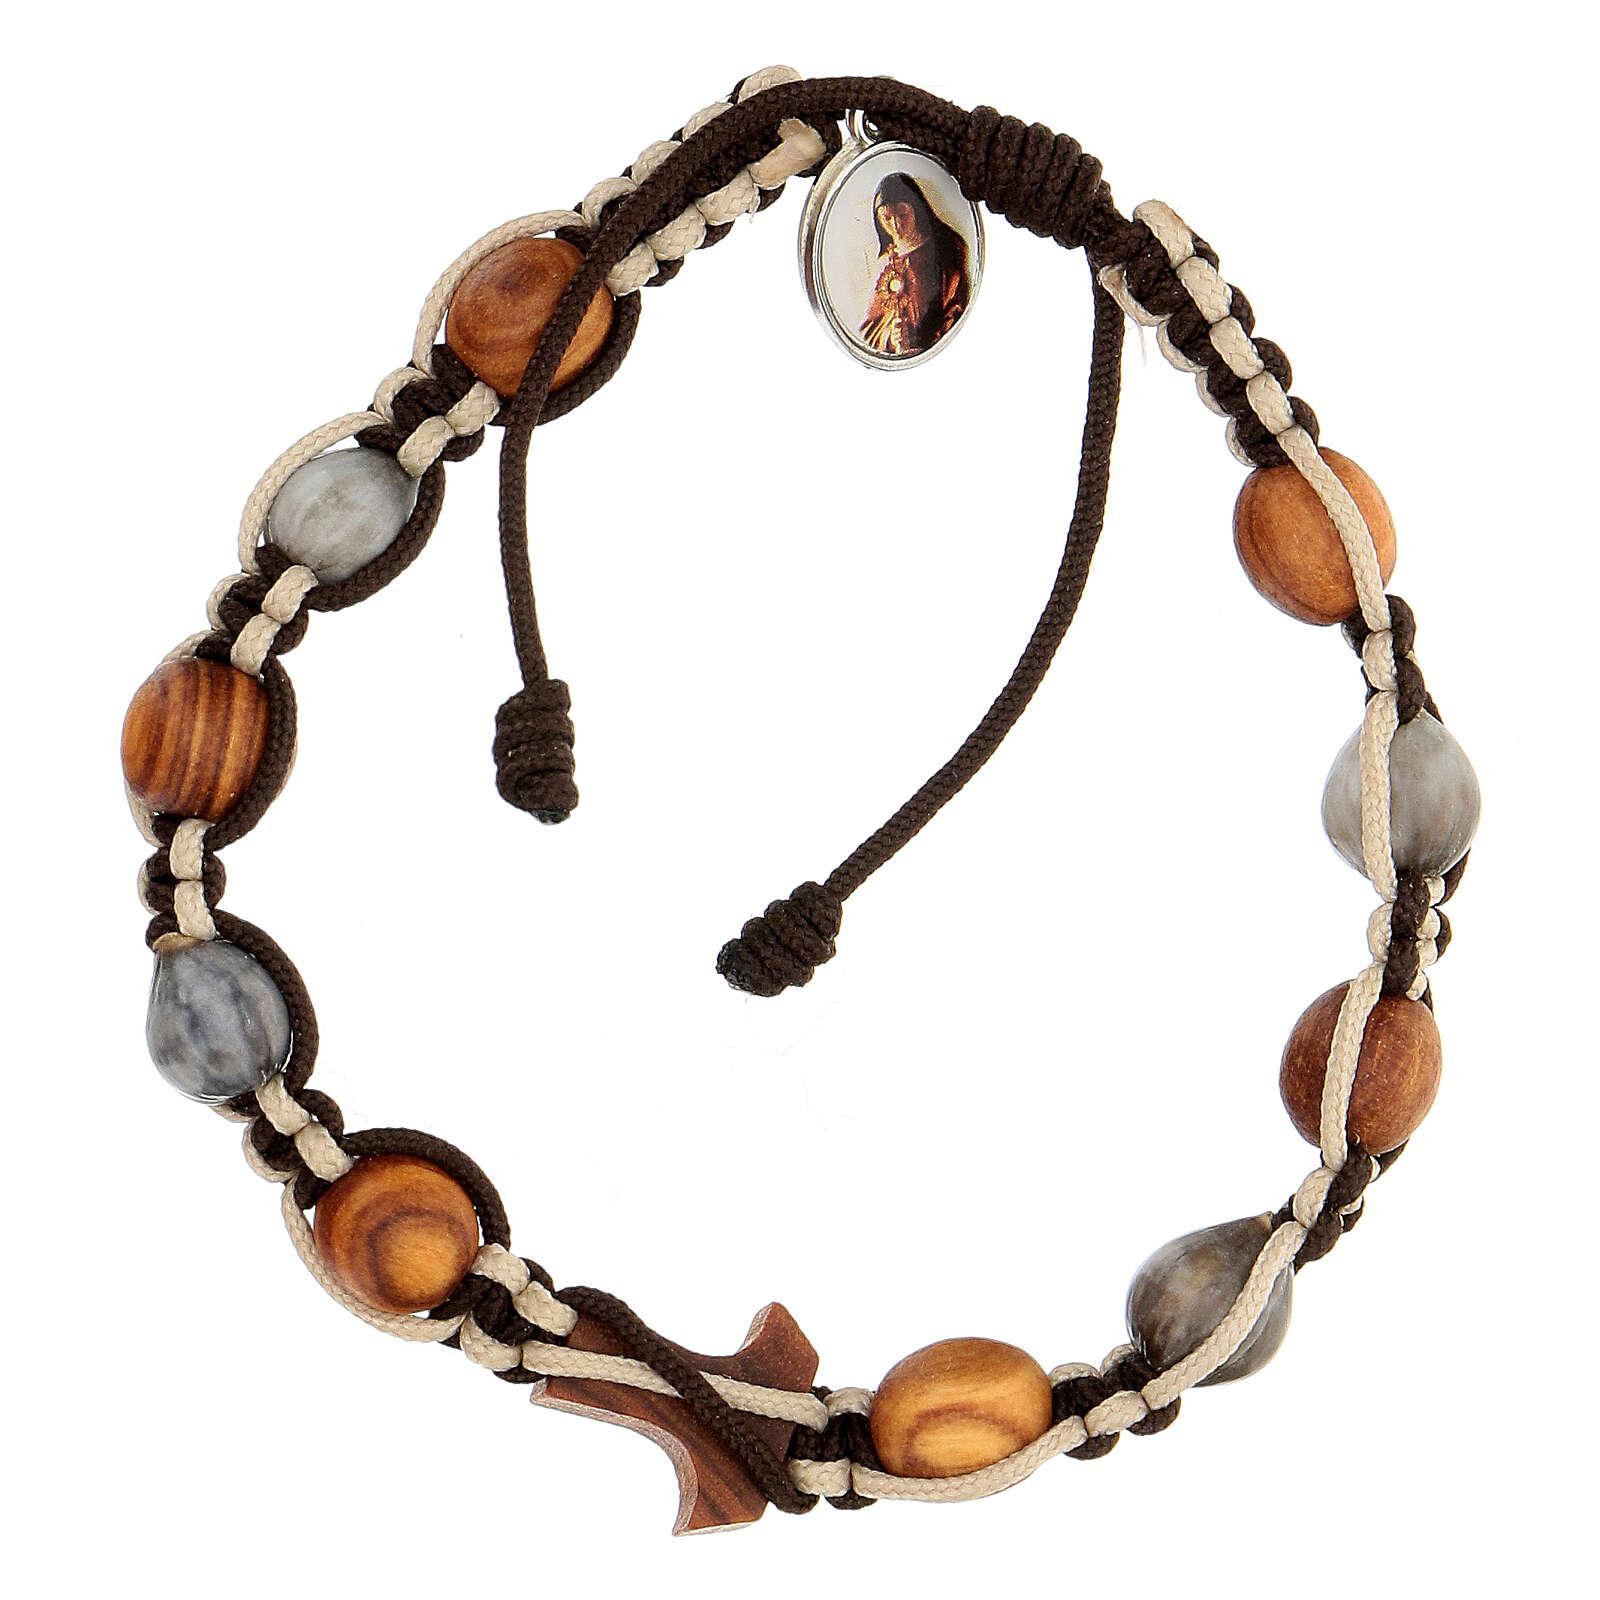 Bracciale Medjugorje grani tondi corda bicolore Lacrima Giobbe 4